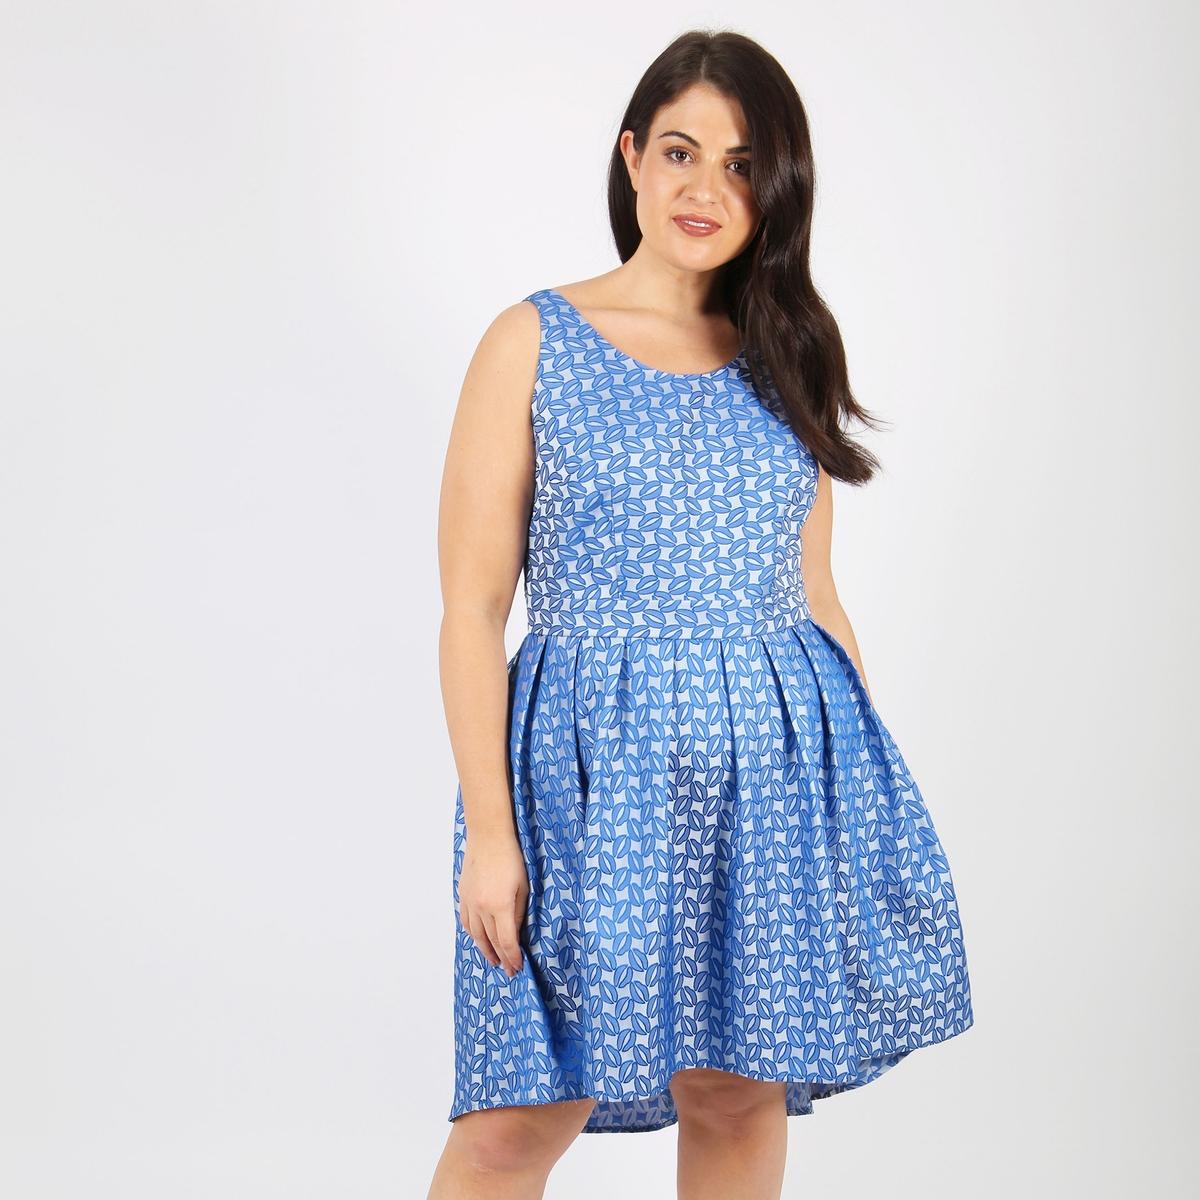 Платье расклешенное средней длины, с жаккардовым рисунком